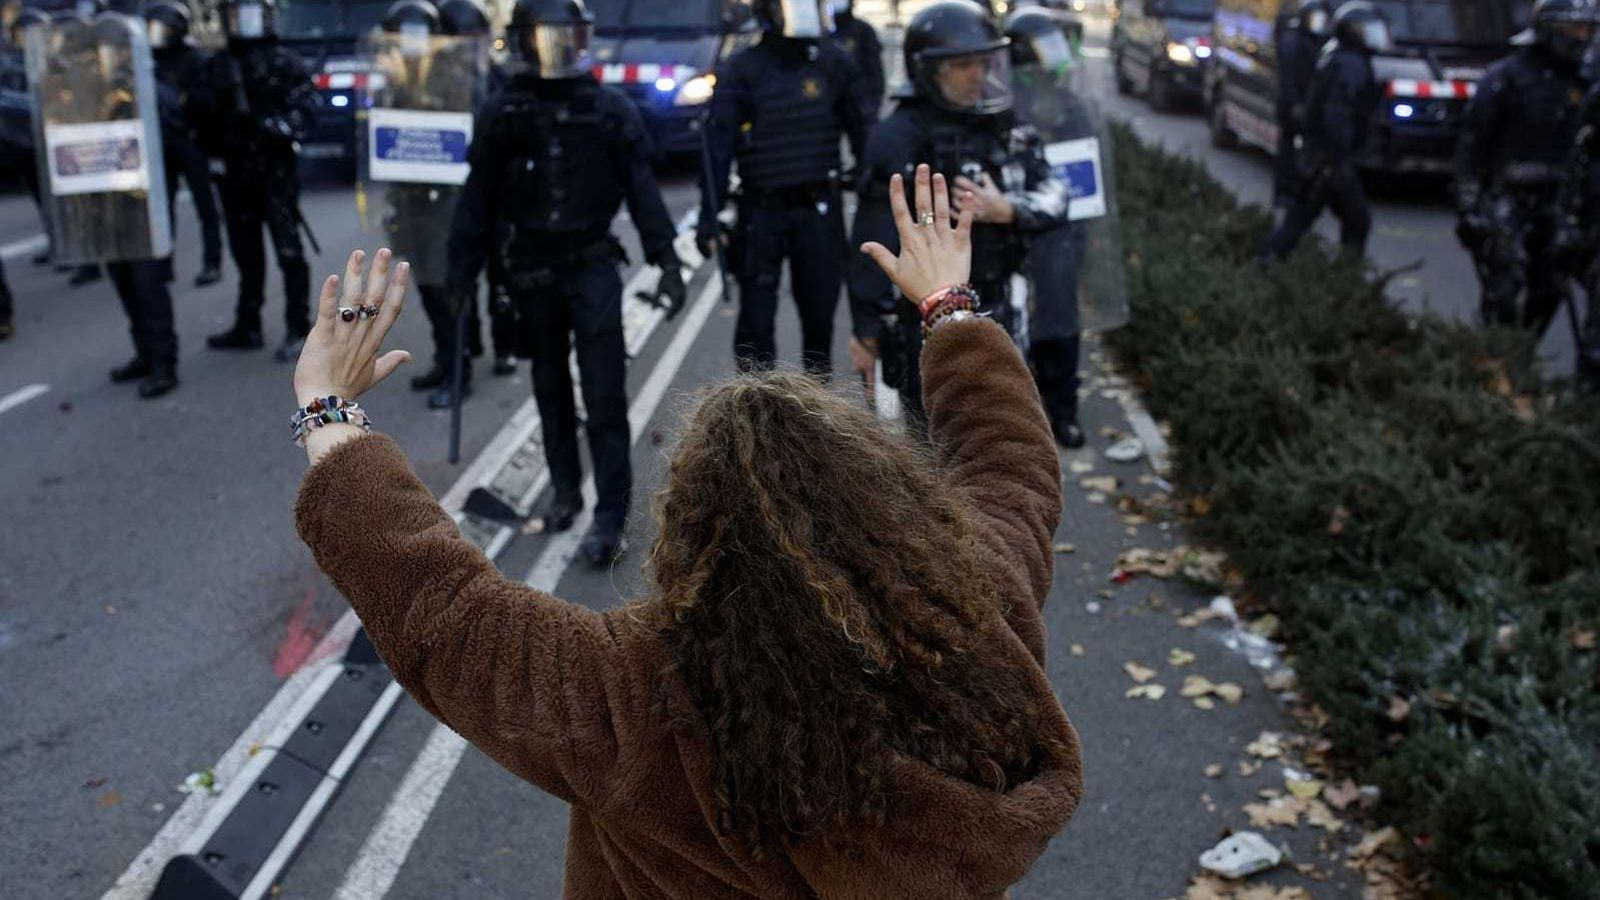 Creix la tensió al Paral·lel entre manifestants i Mossos d'Esquadra amb càrregues i llançament d'objectes